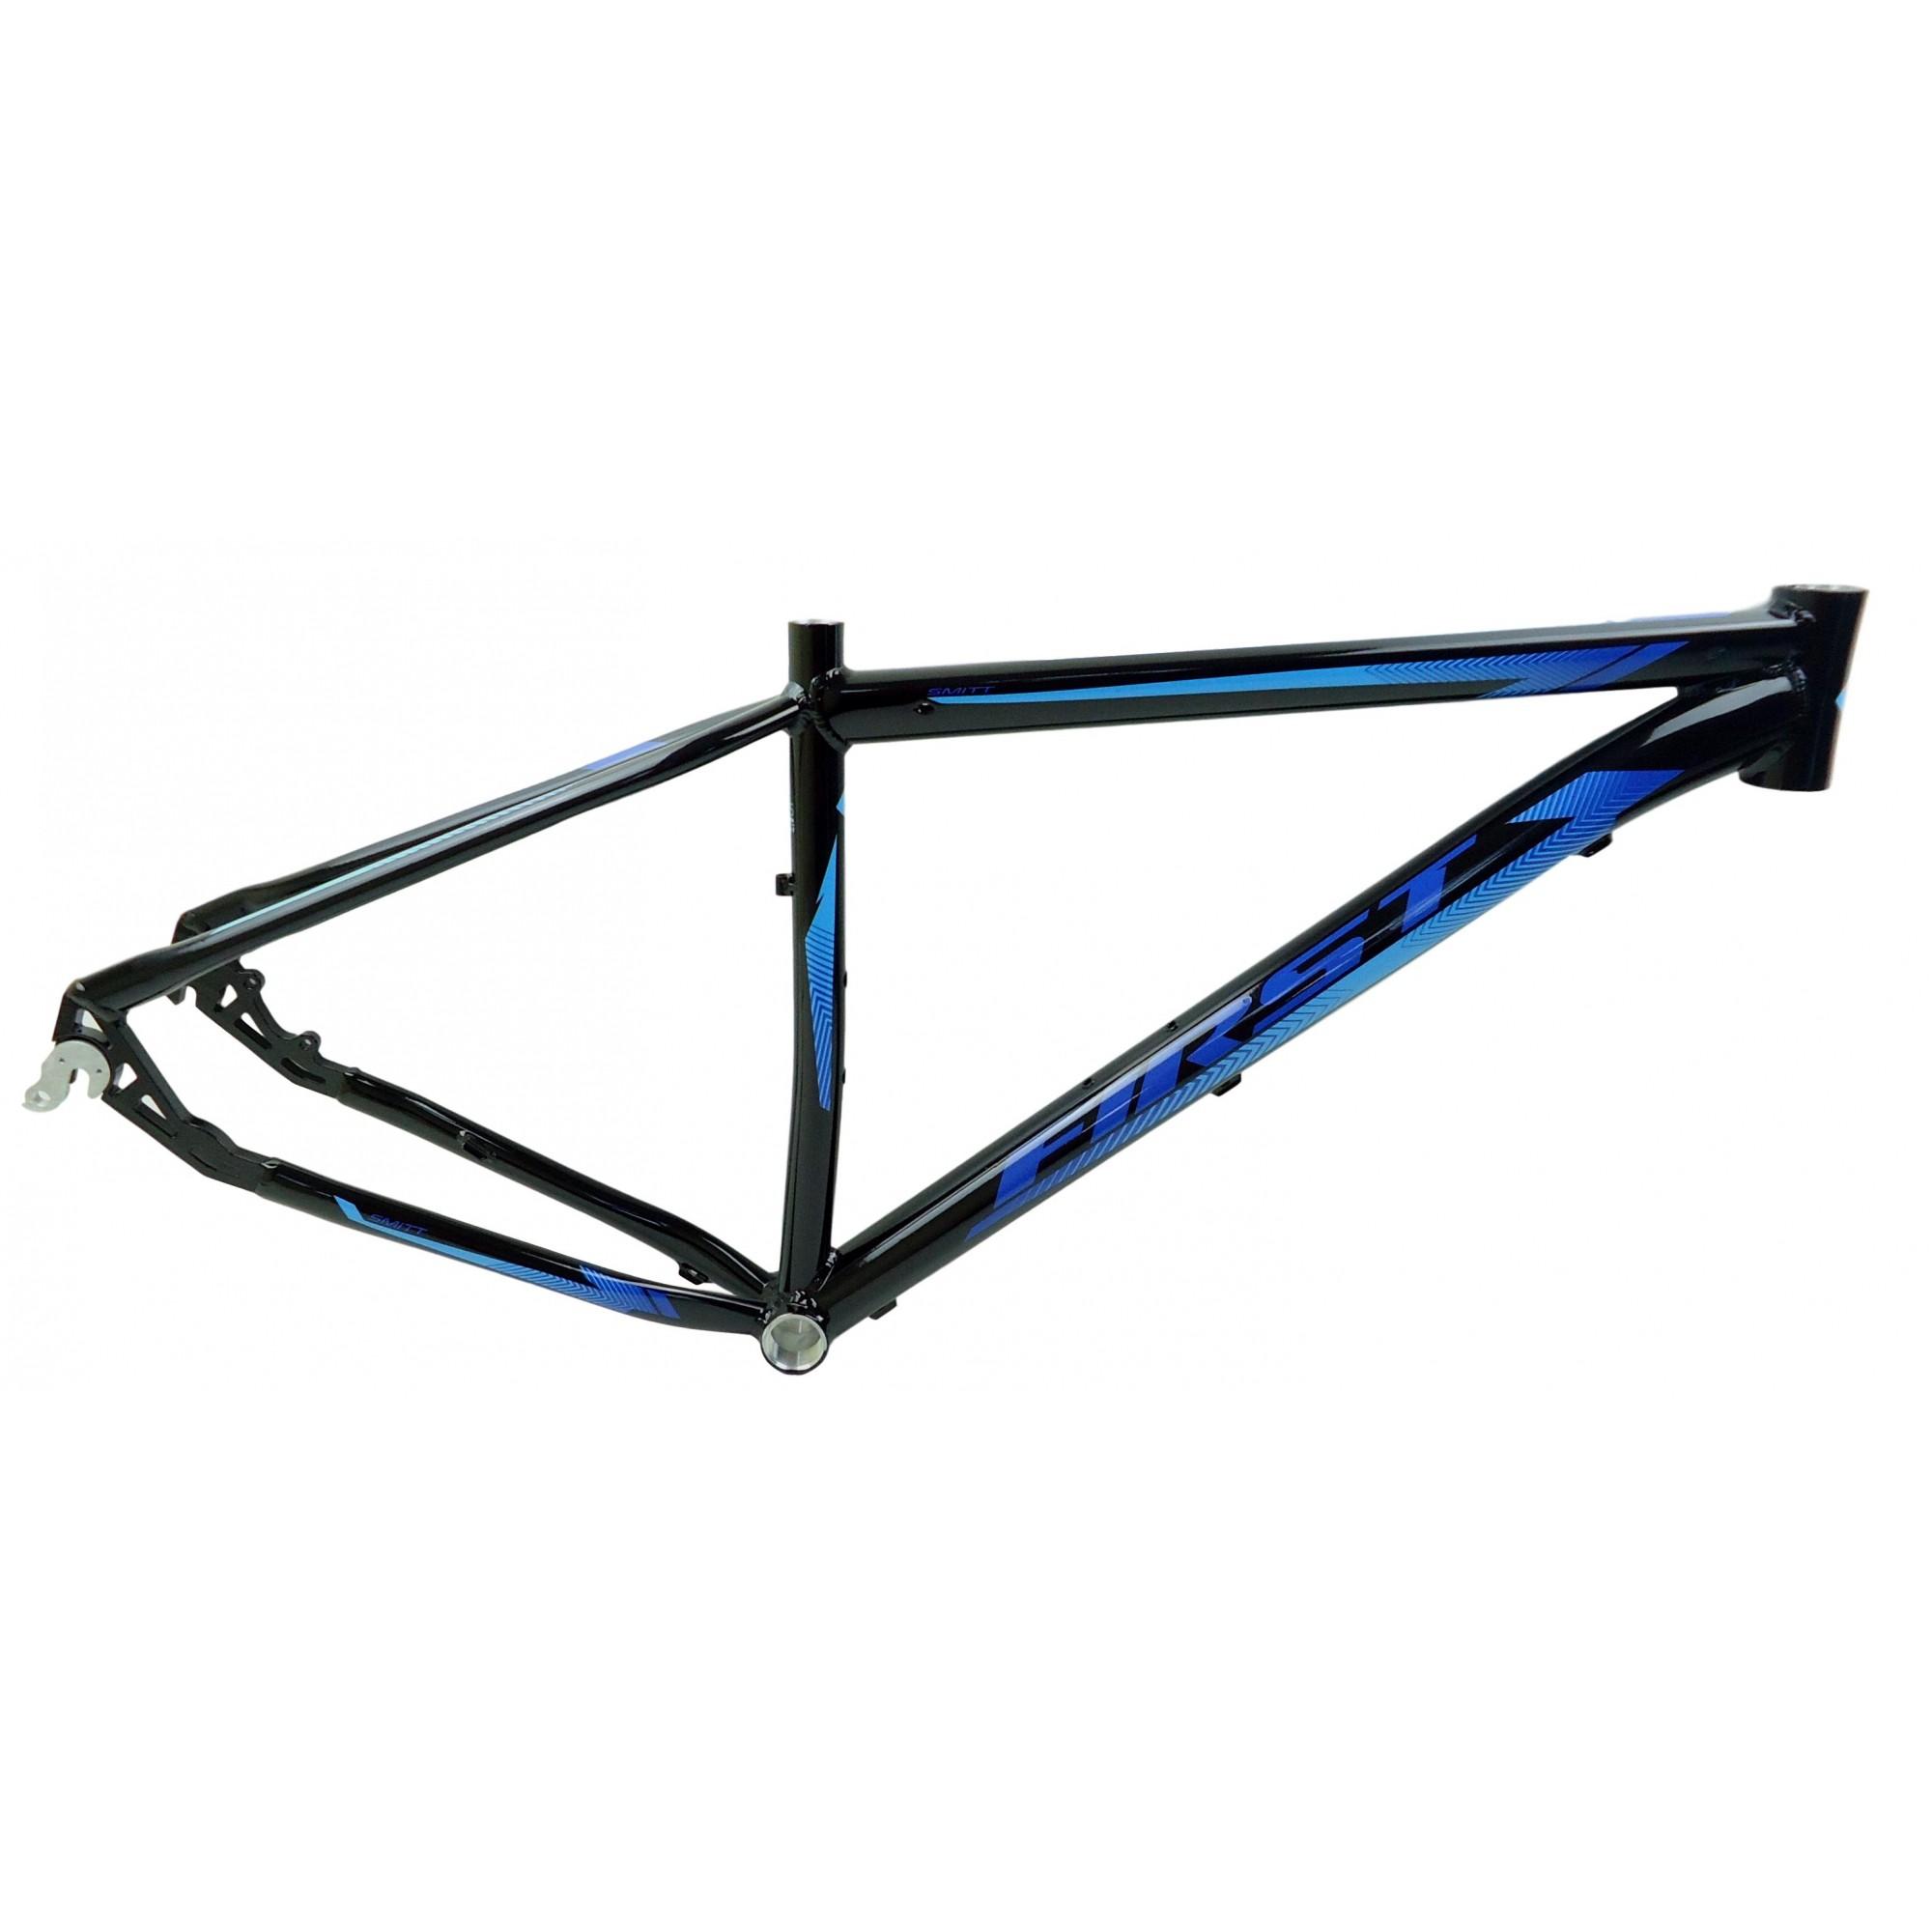 Quadro Bicicleta MTB First Smitt Aro 29 em Aluminio 2021 Diversas Cores